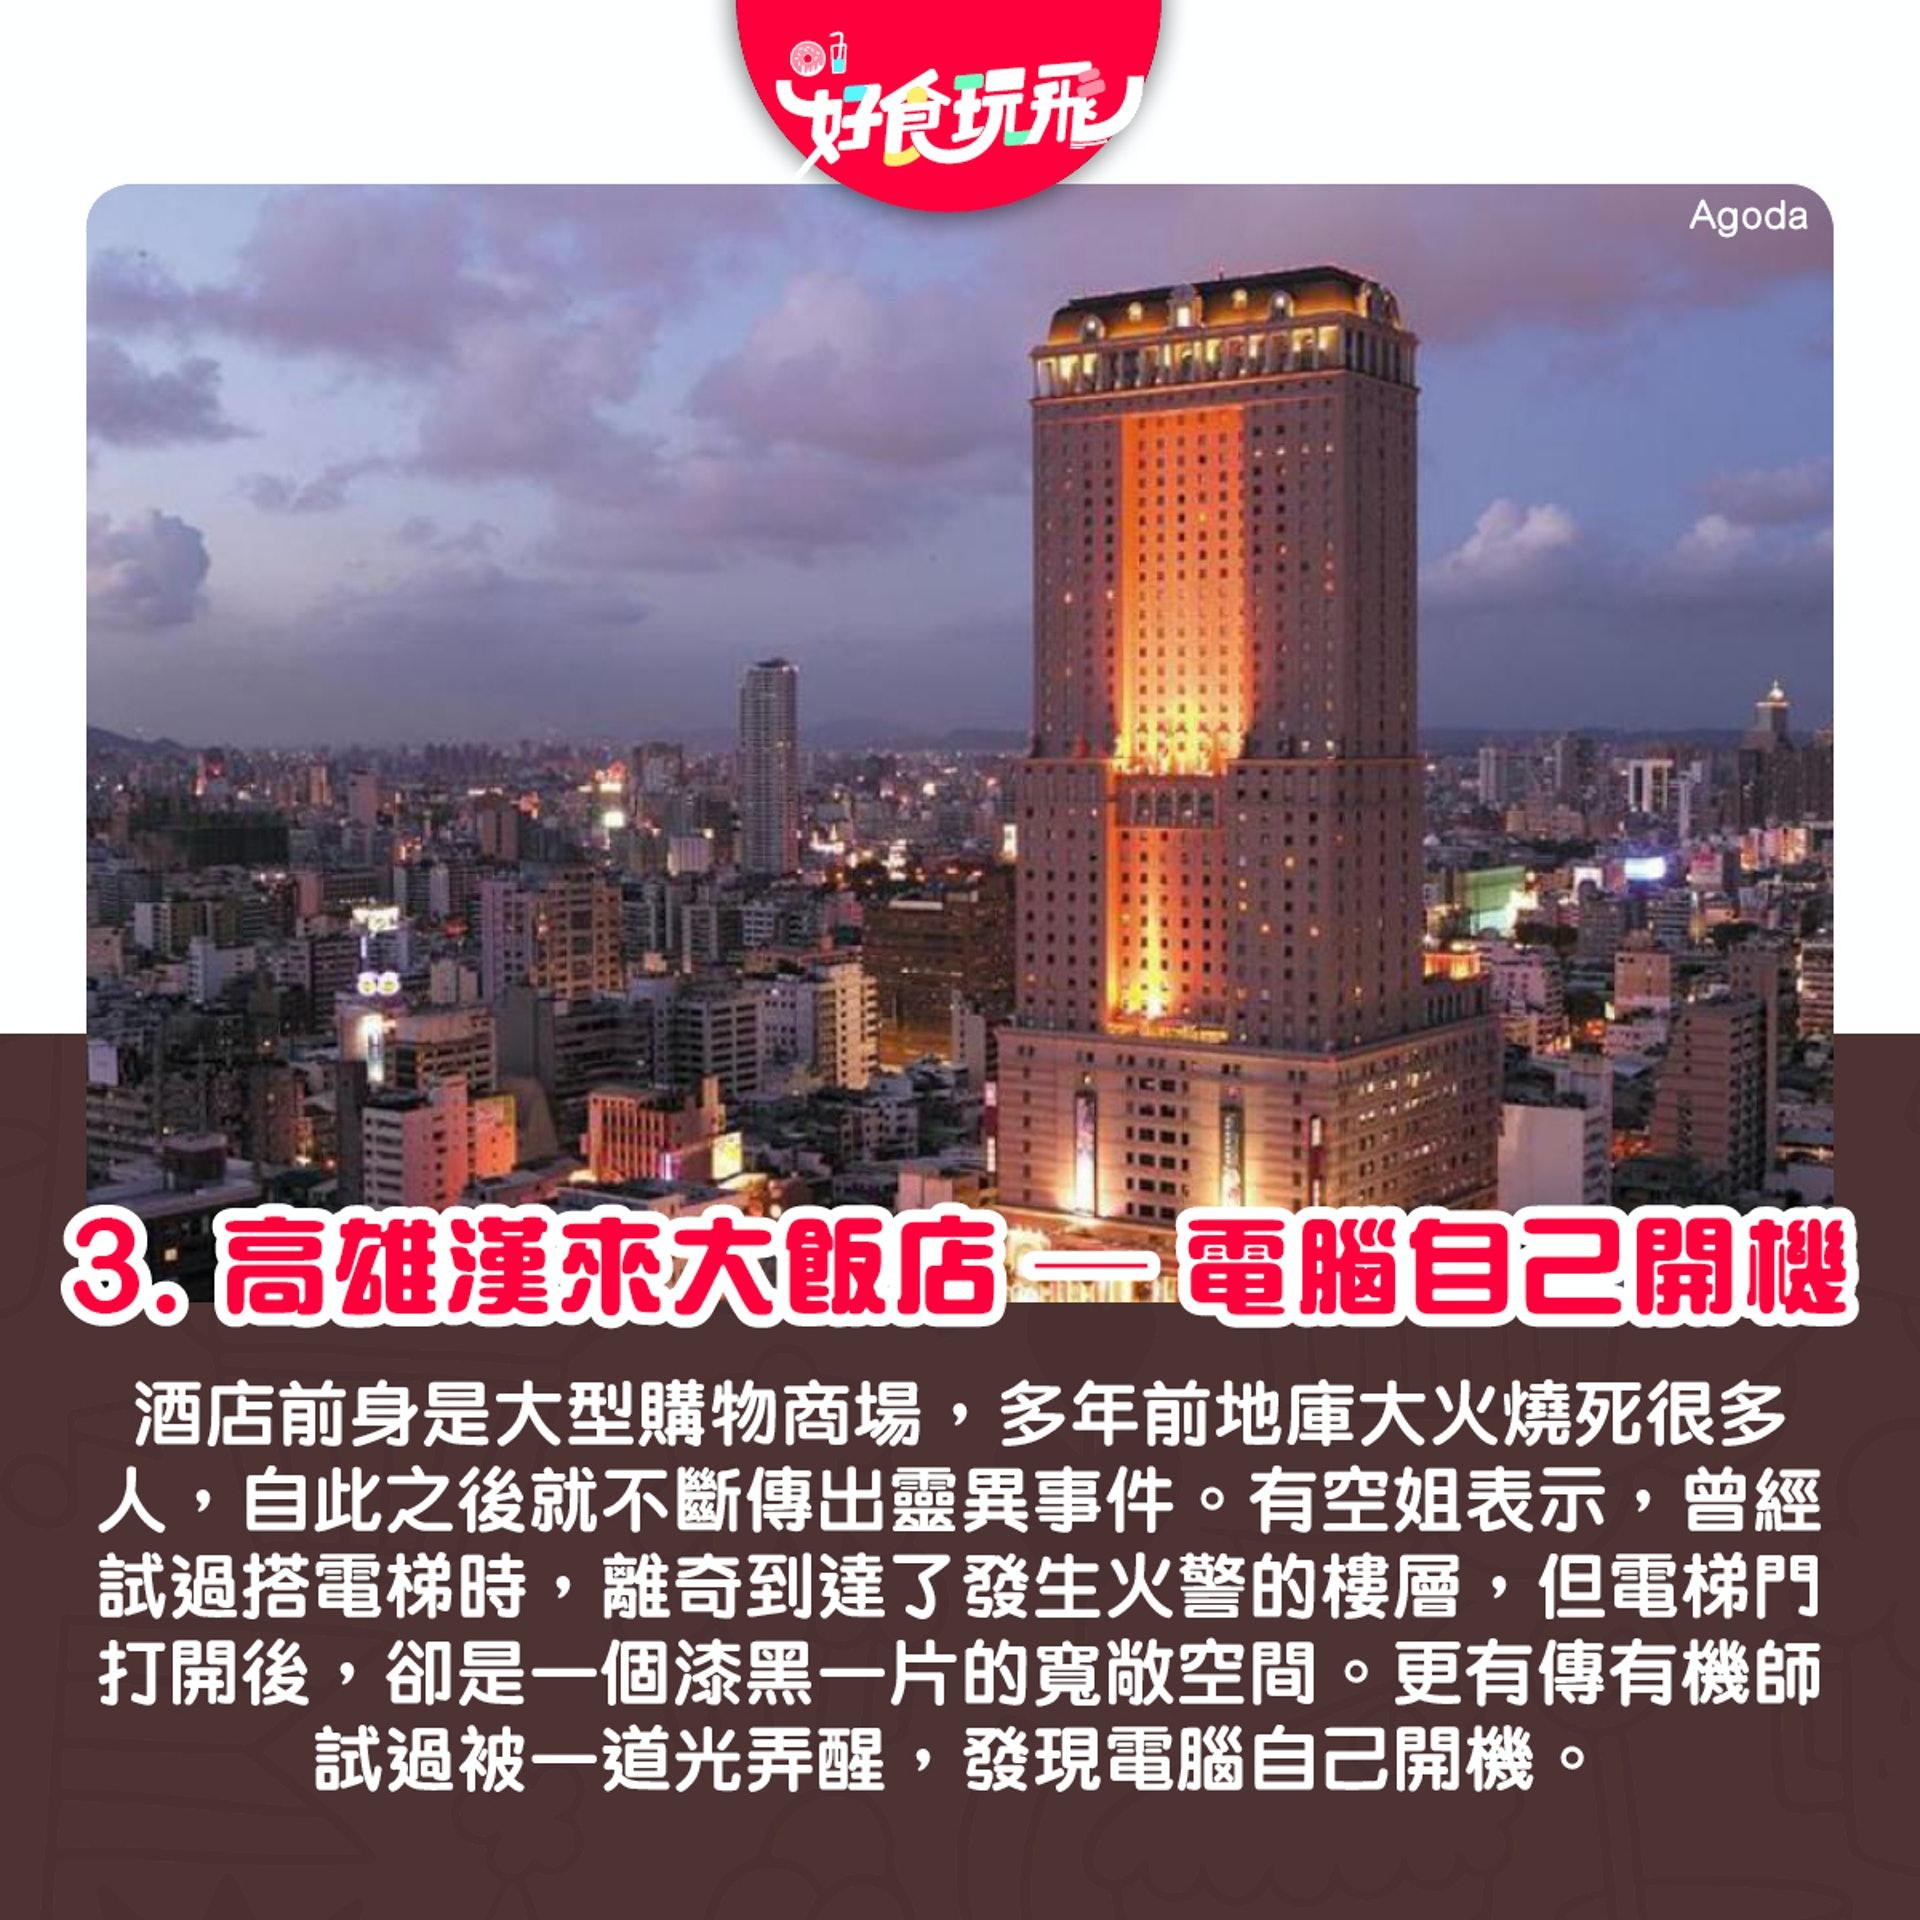 鬼門開!盤點台灣十大猛鬼飯店 網:第6家超兇!